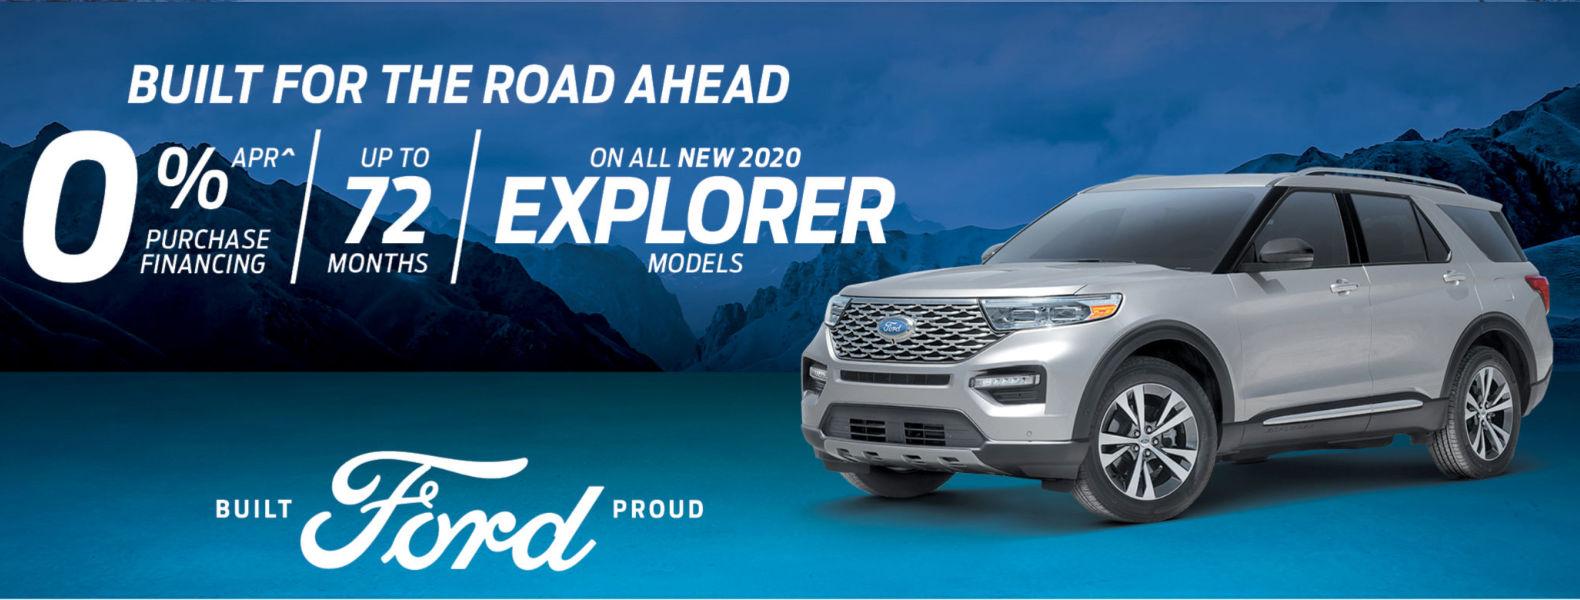 Ford explorer deals